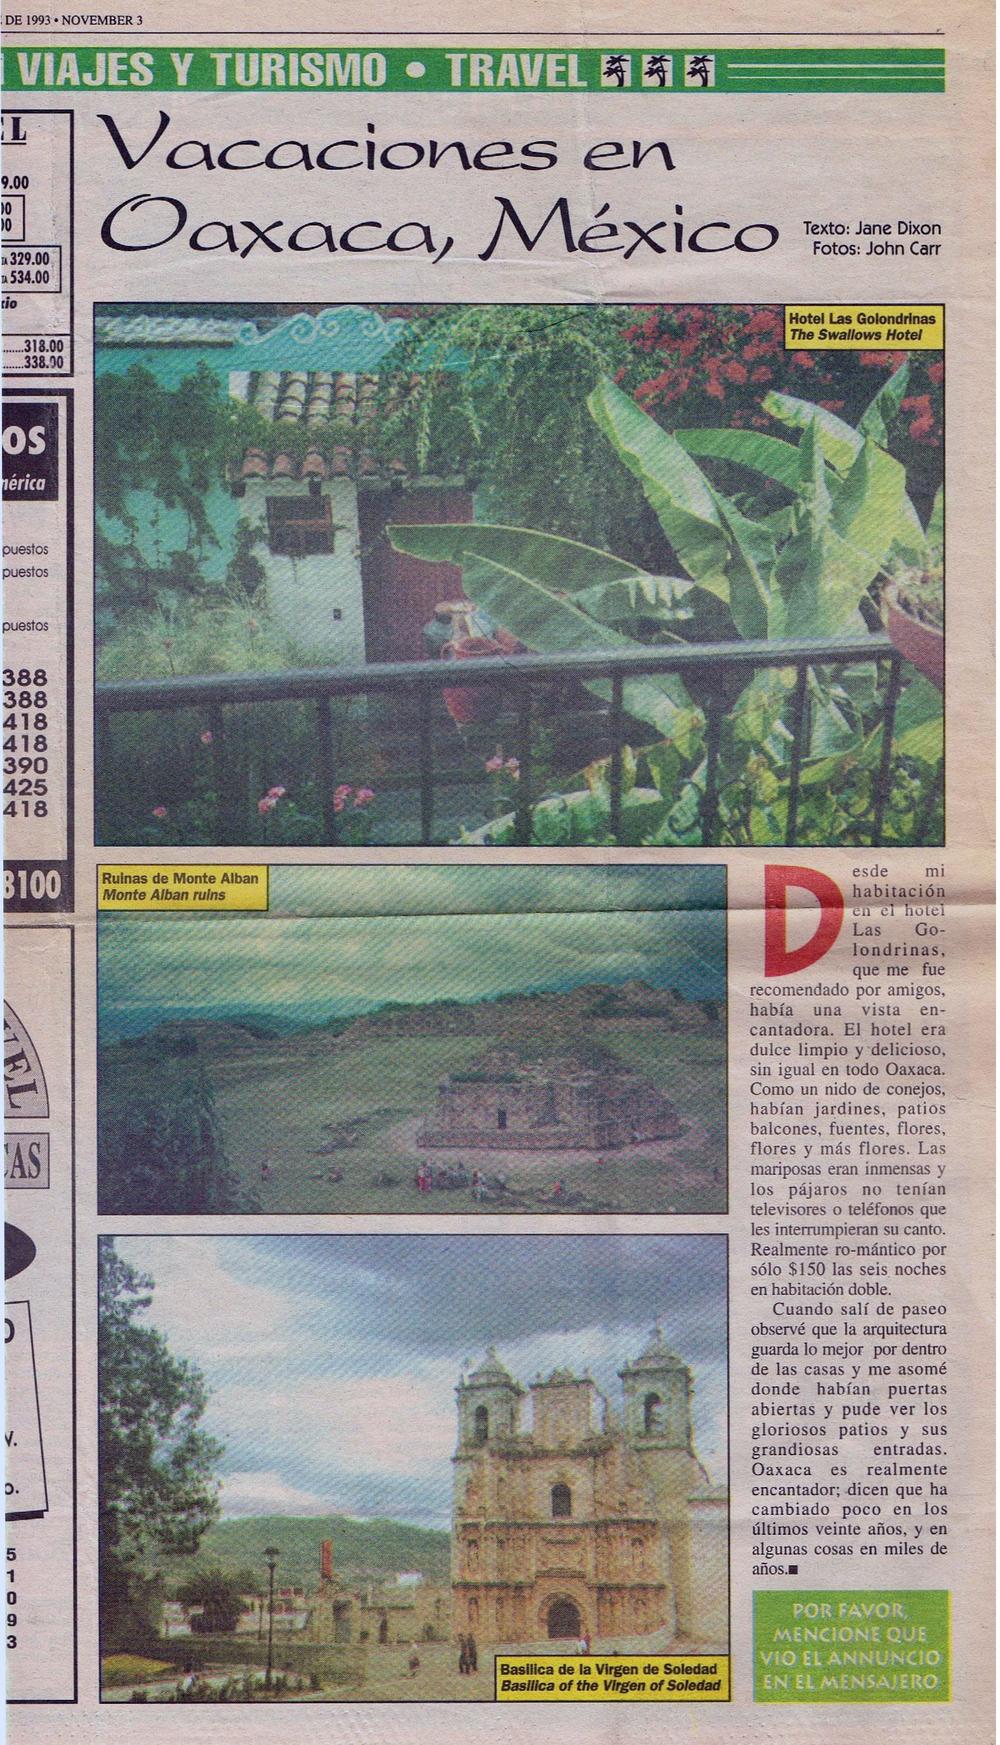 El mensajero, Nov 1993